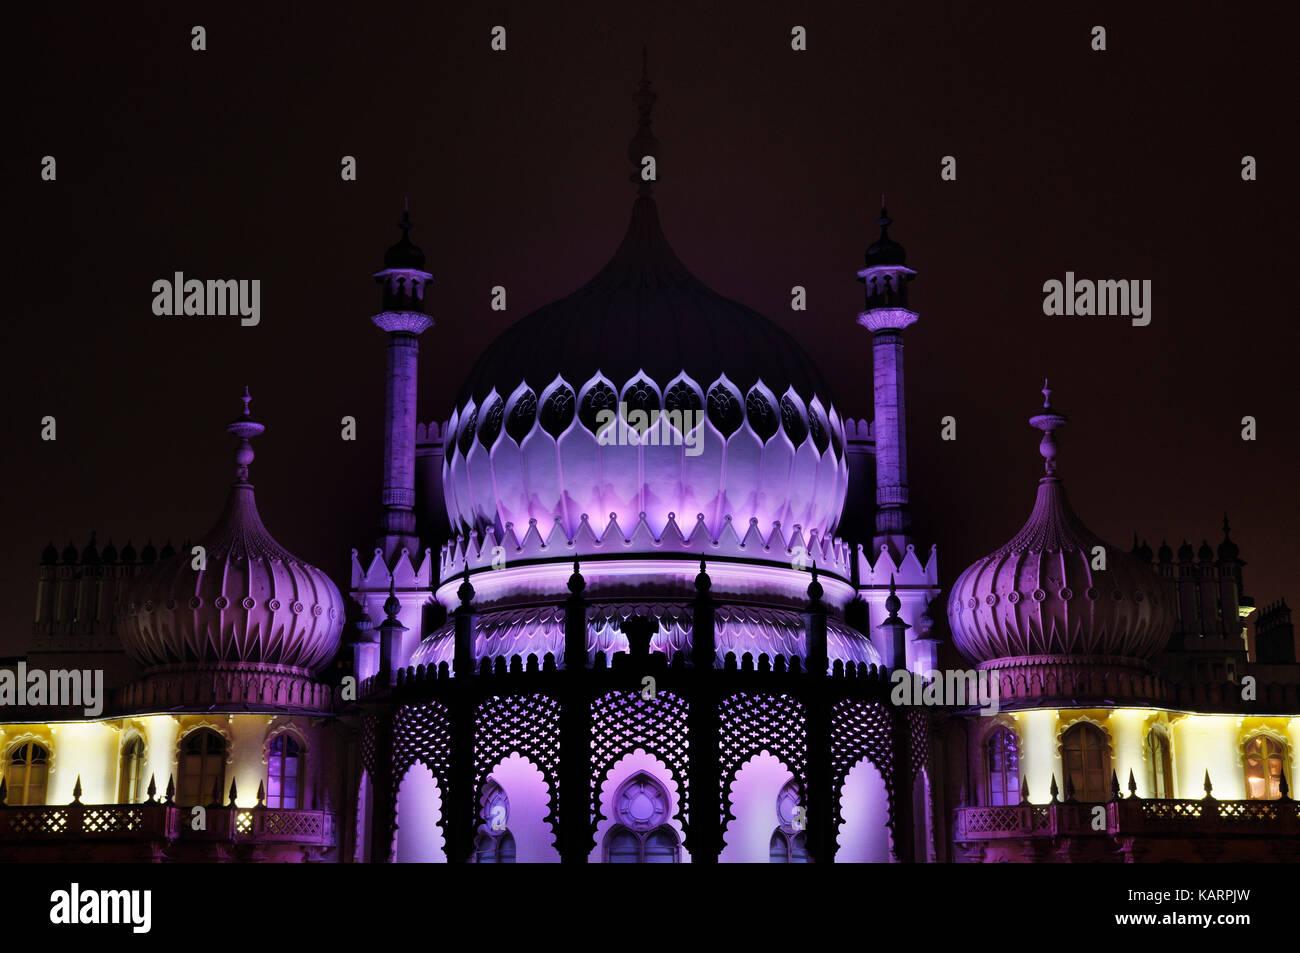 Brighton Royal Pavilion en la noche, East Sussex, Inglaterra, Reino Unido. Imagen De Stock